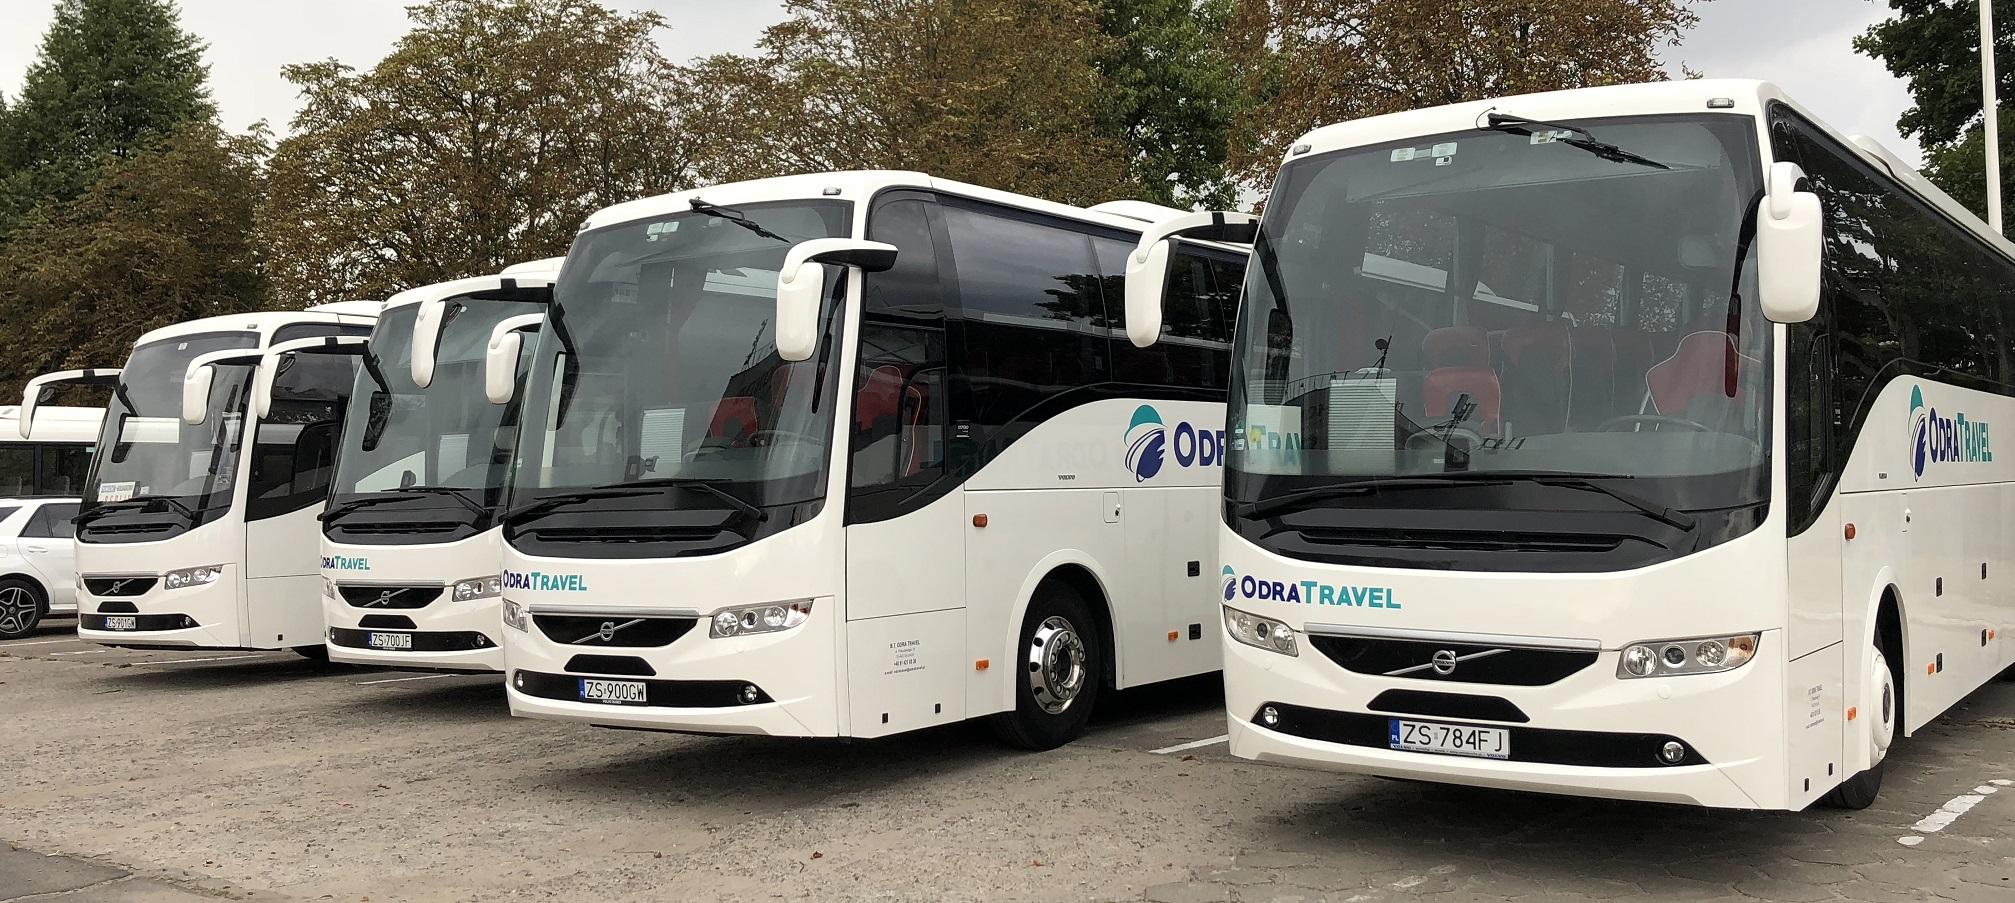 autobusy / autokary ze szczecina polecają się na wynajem